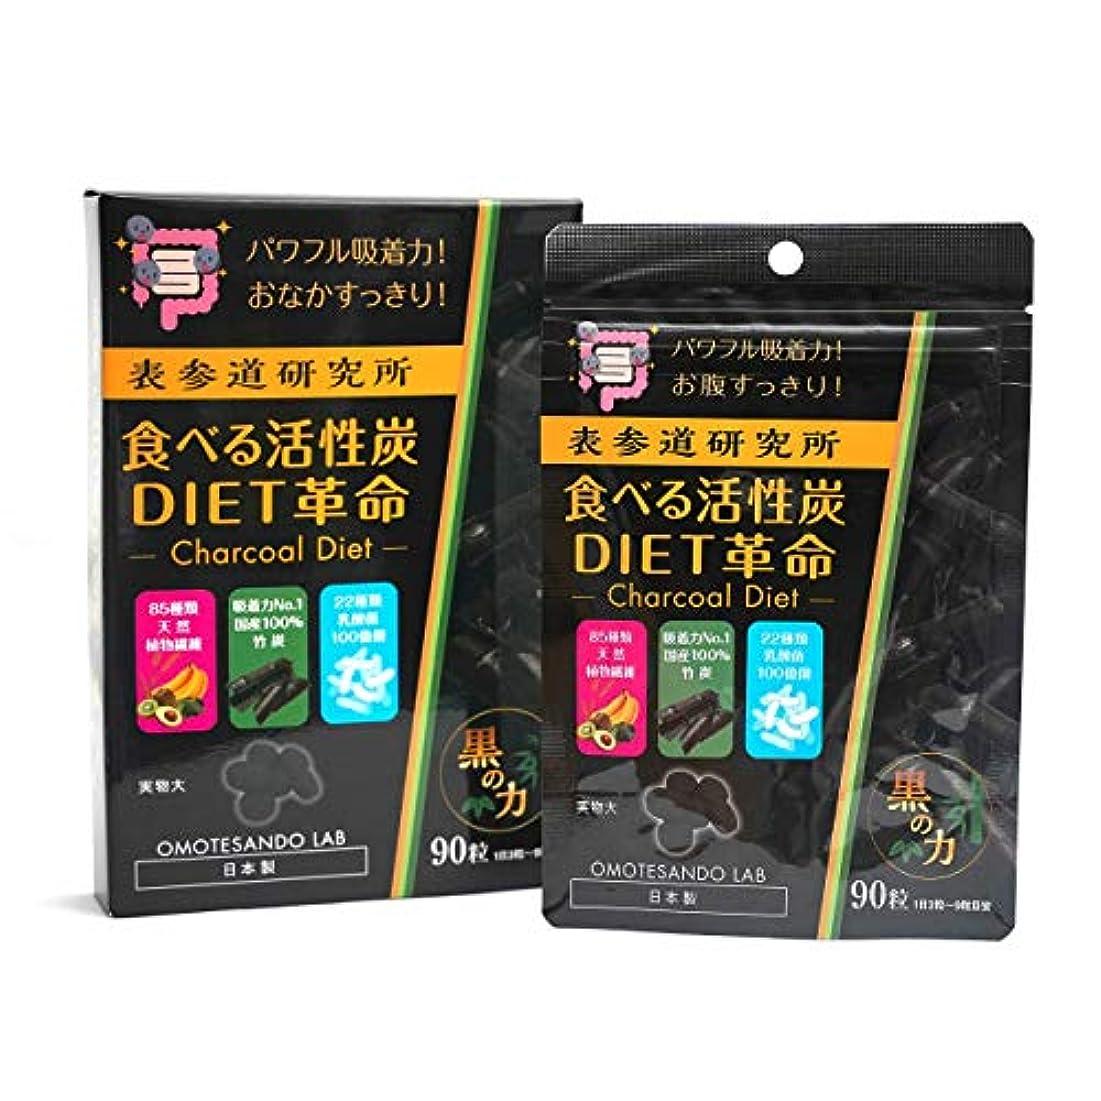 考えるベーコン人道的表参道研究所 食べる活性炭DIET革命 2個セット